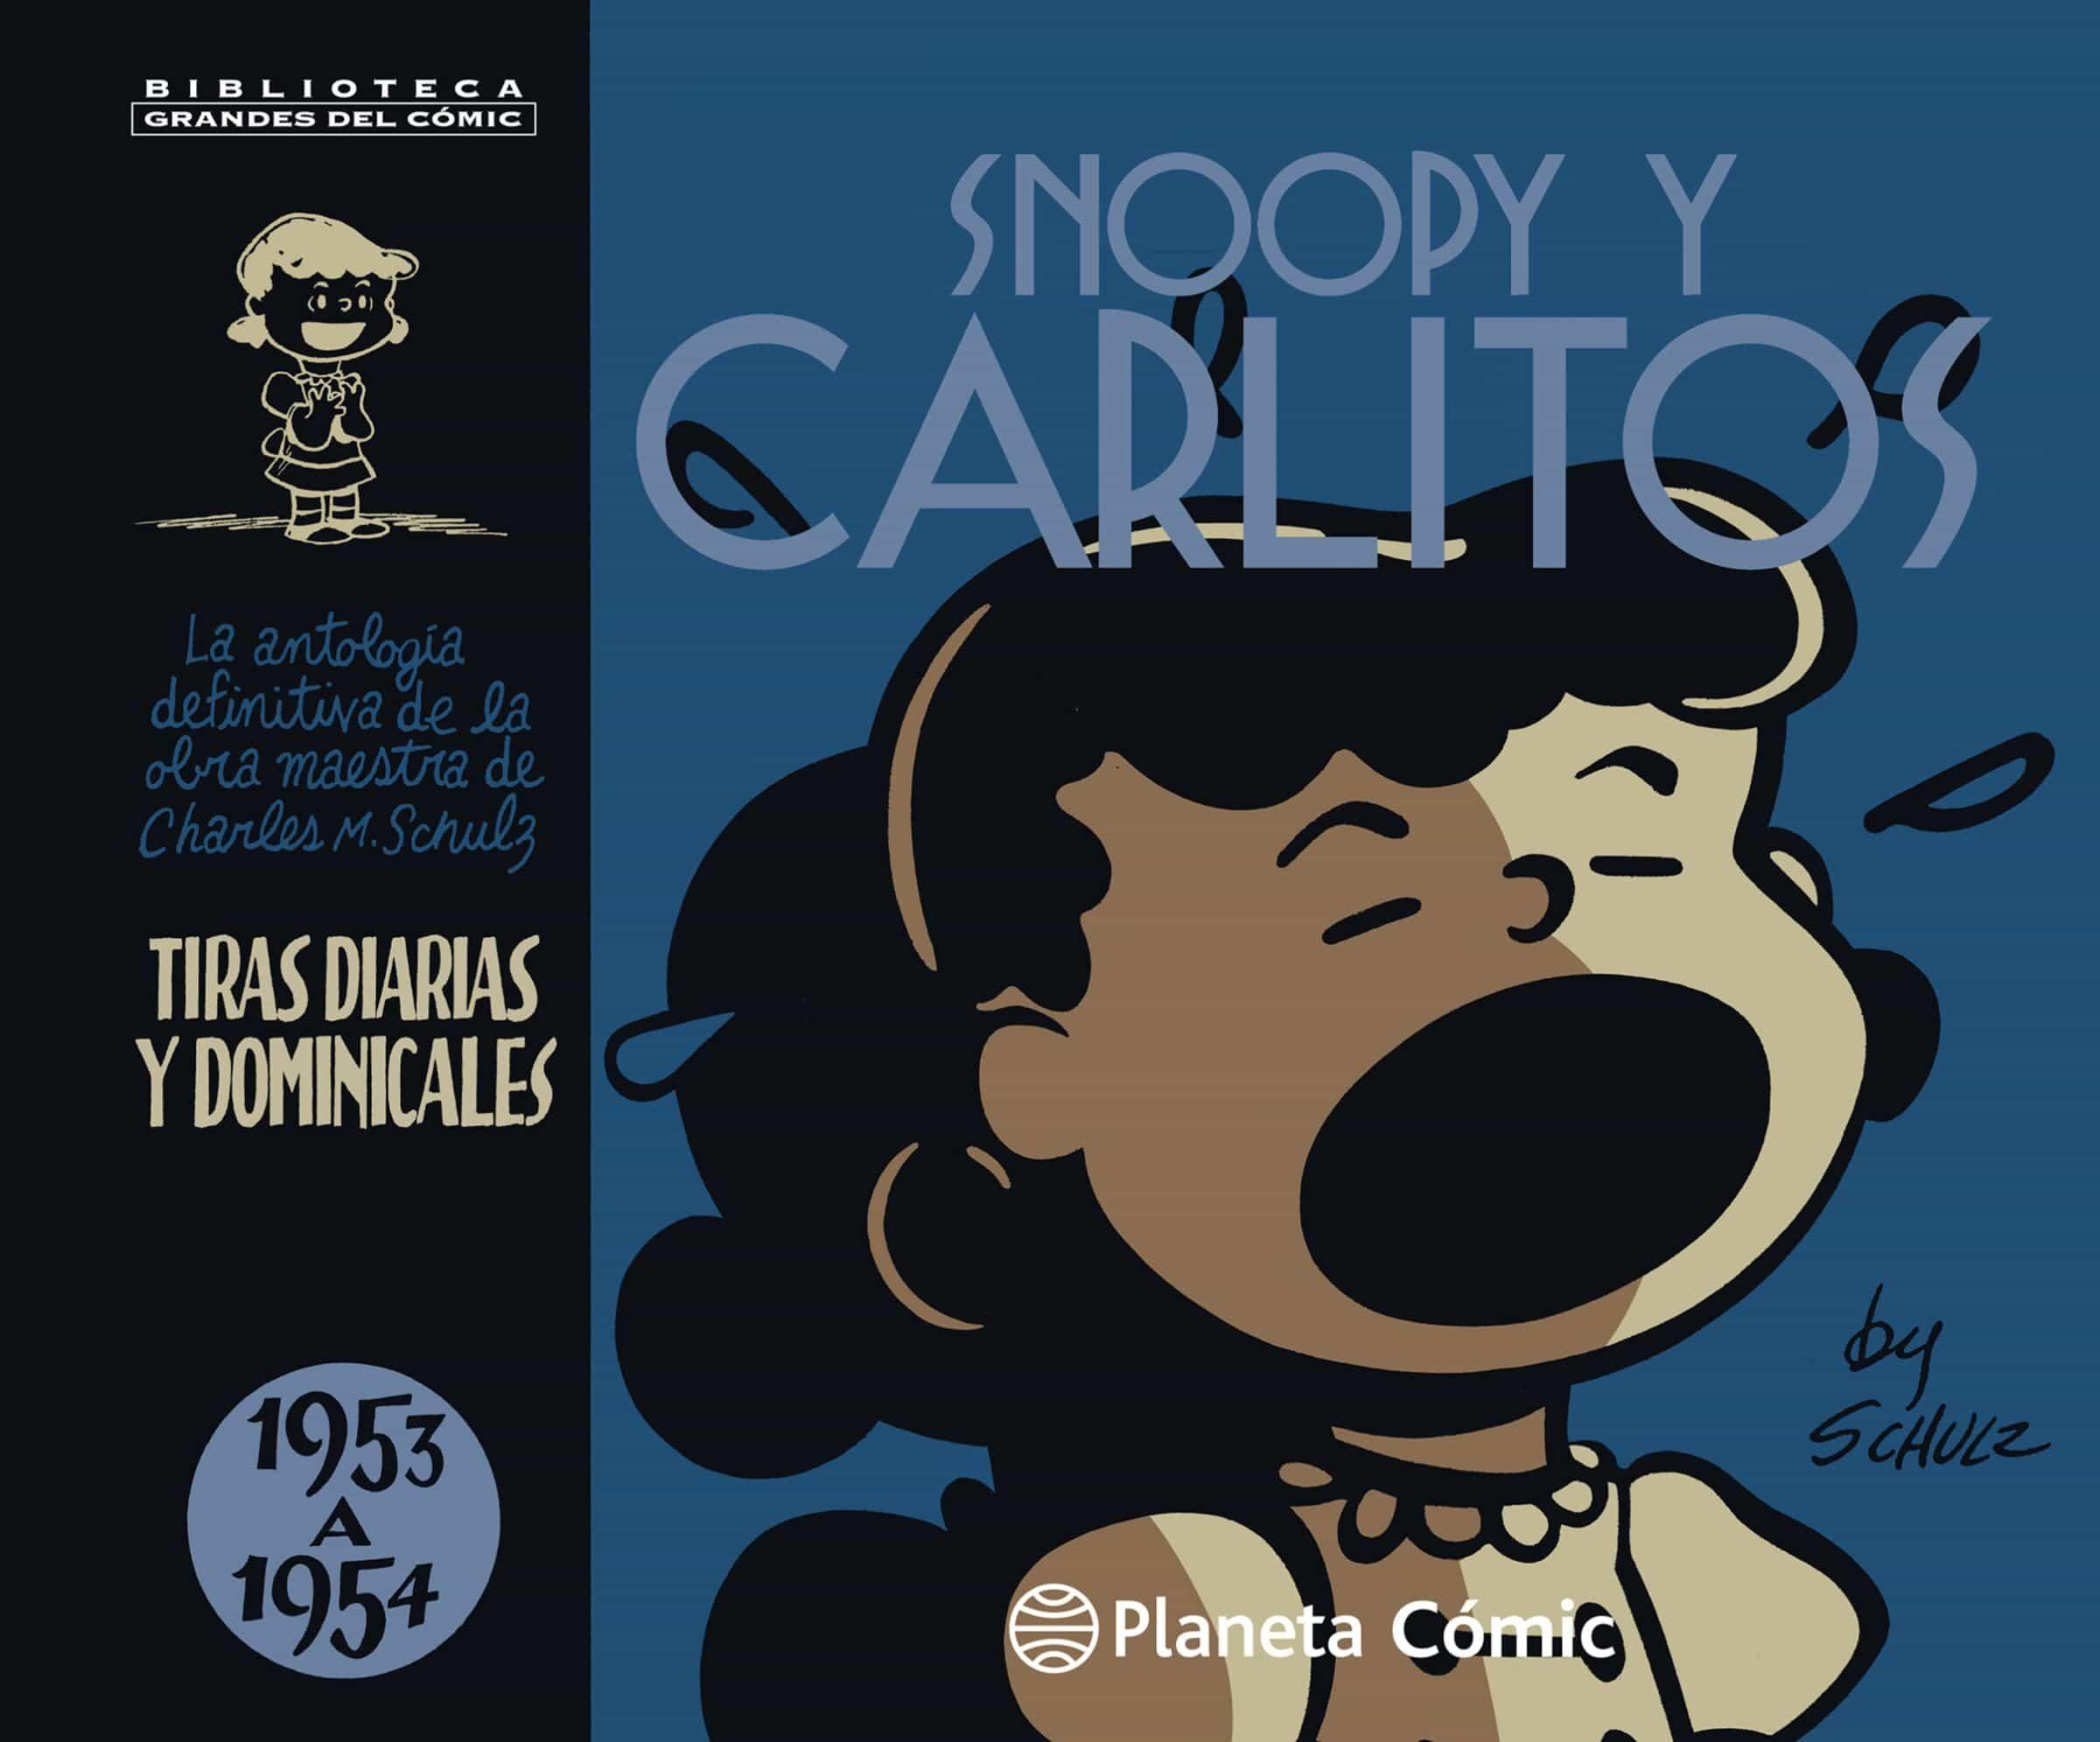 Snoopy Y Carlitos 1953-1954 Nº 02/25 (nueva Edicion) por Charles M. Schulz